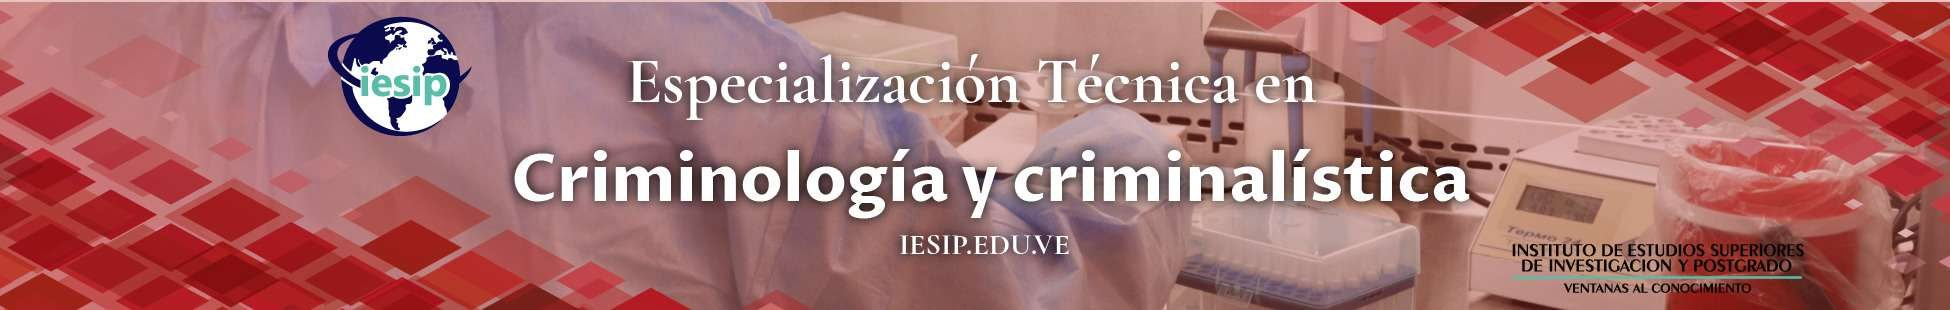 cintillo_et_criminologia_criminalistica